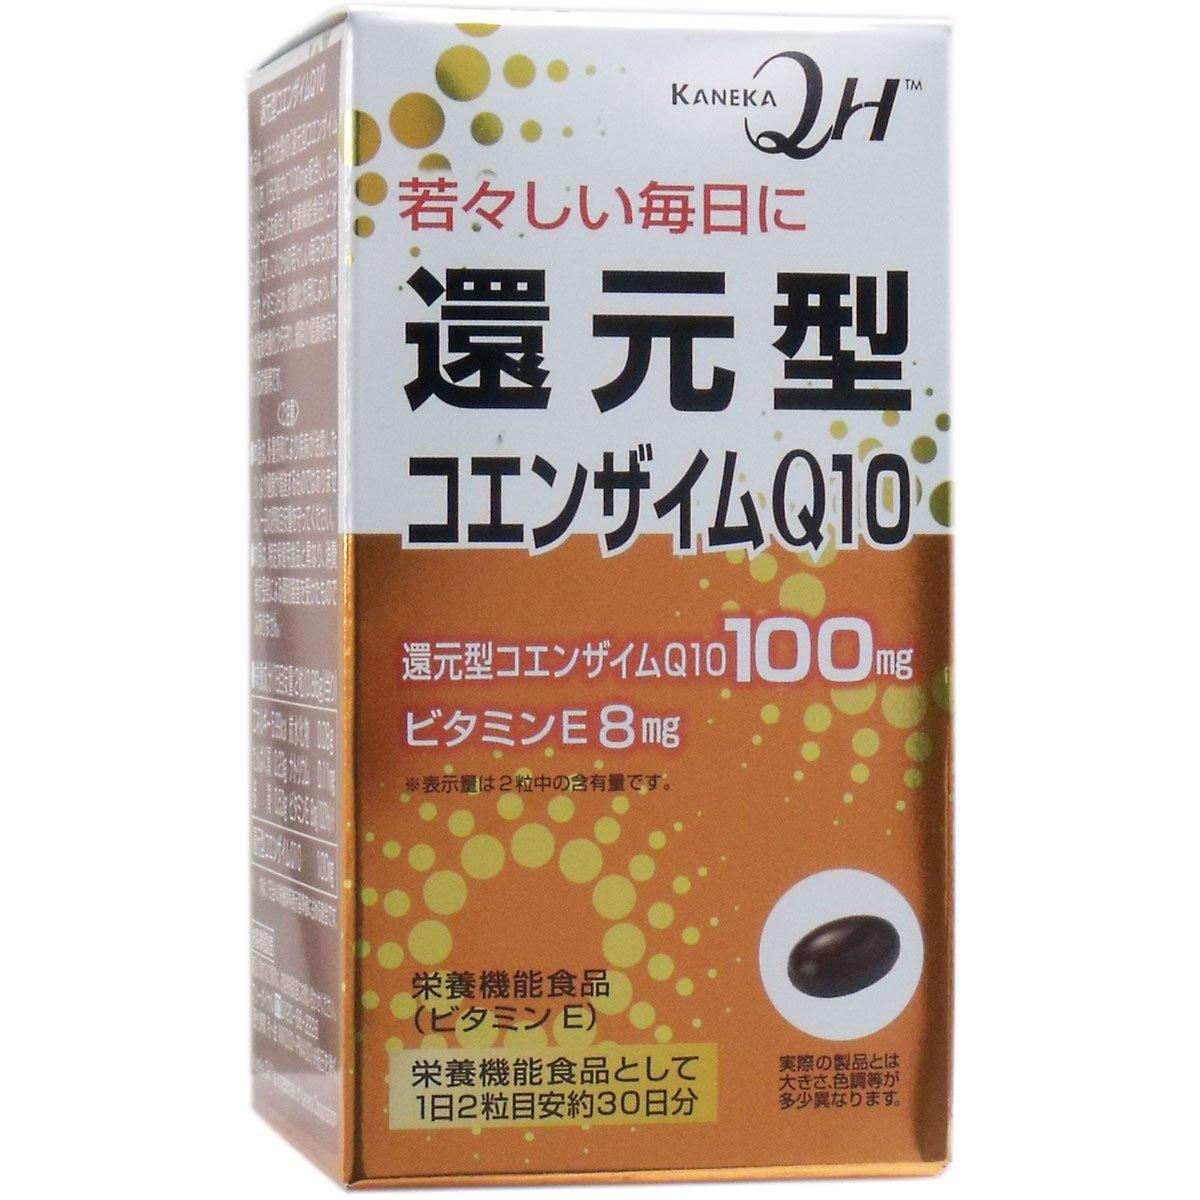 【ユニマットリケン】還元型コエンザイムQ10 60粒 ×5個セット B00W0GRJEW